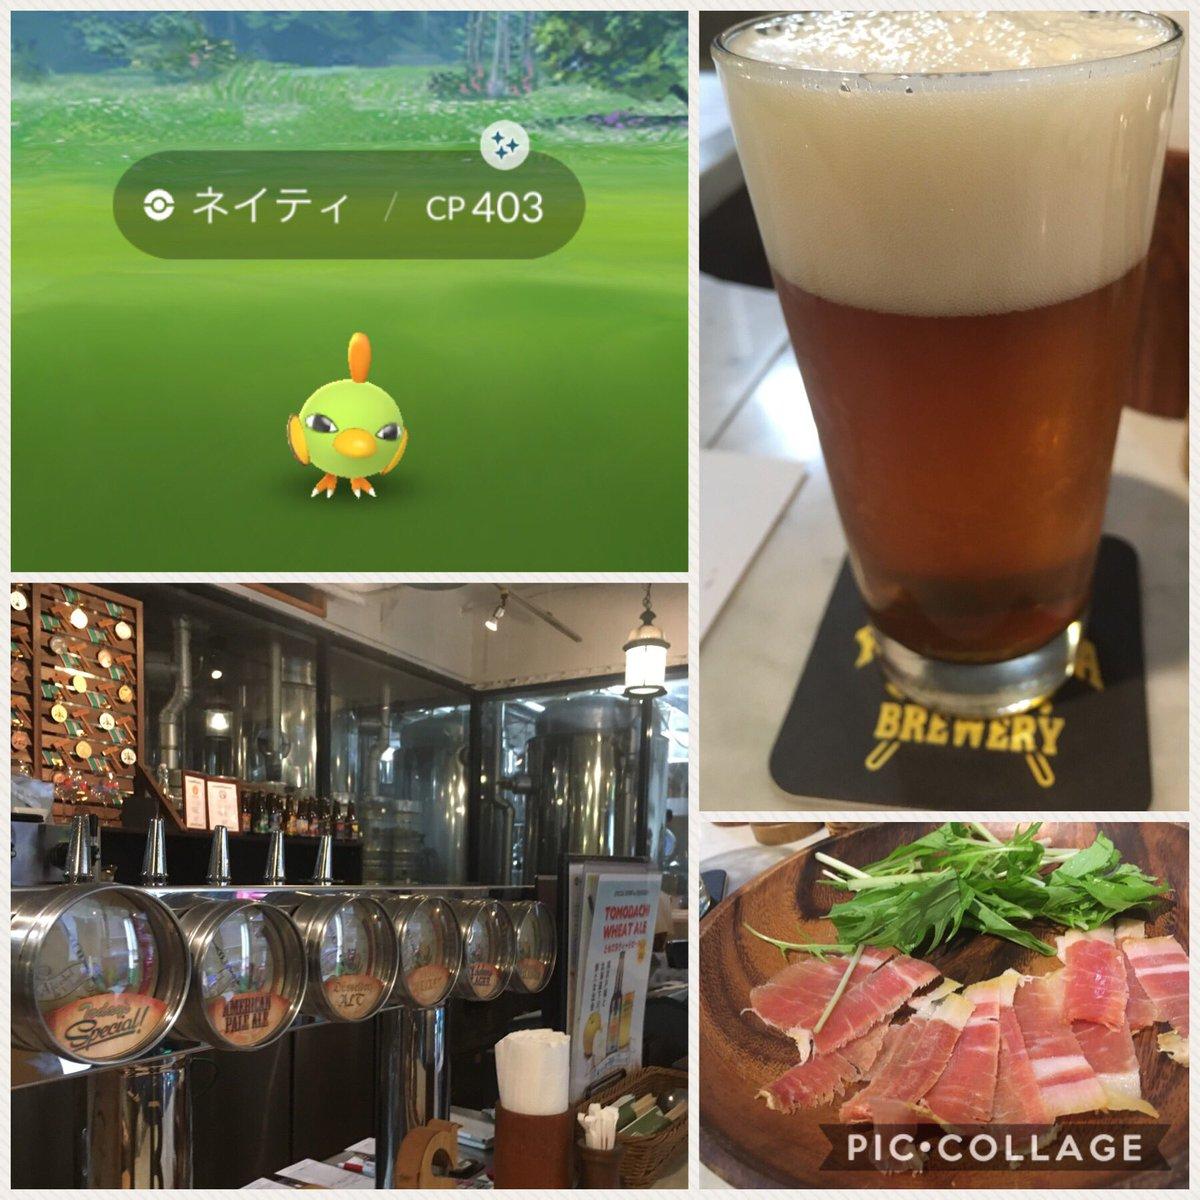 test ツイッターメディア - 昨日はみなとみらいにて半日ミュウツーまったり10戦。その中で一番良かったのは96のこの個体かな。醸造所がある横浜ビールが美味しいお店で飲んでからのレイド巡りだった笑 最後のエスパーデイは光沢のあるネイティさんゲットだった🐤 https://t.co/pxBAnjgdpV